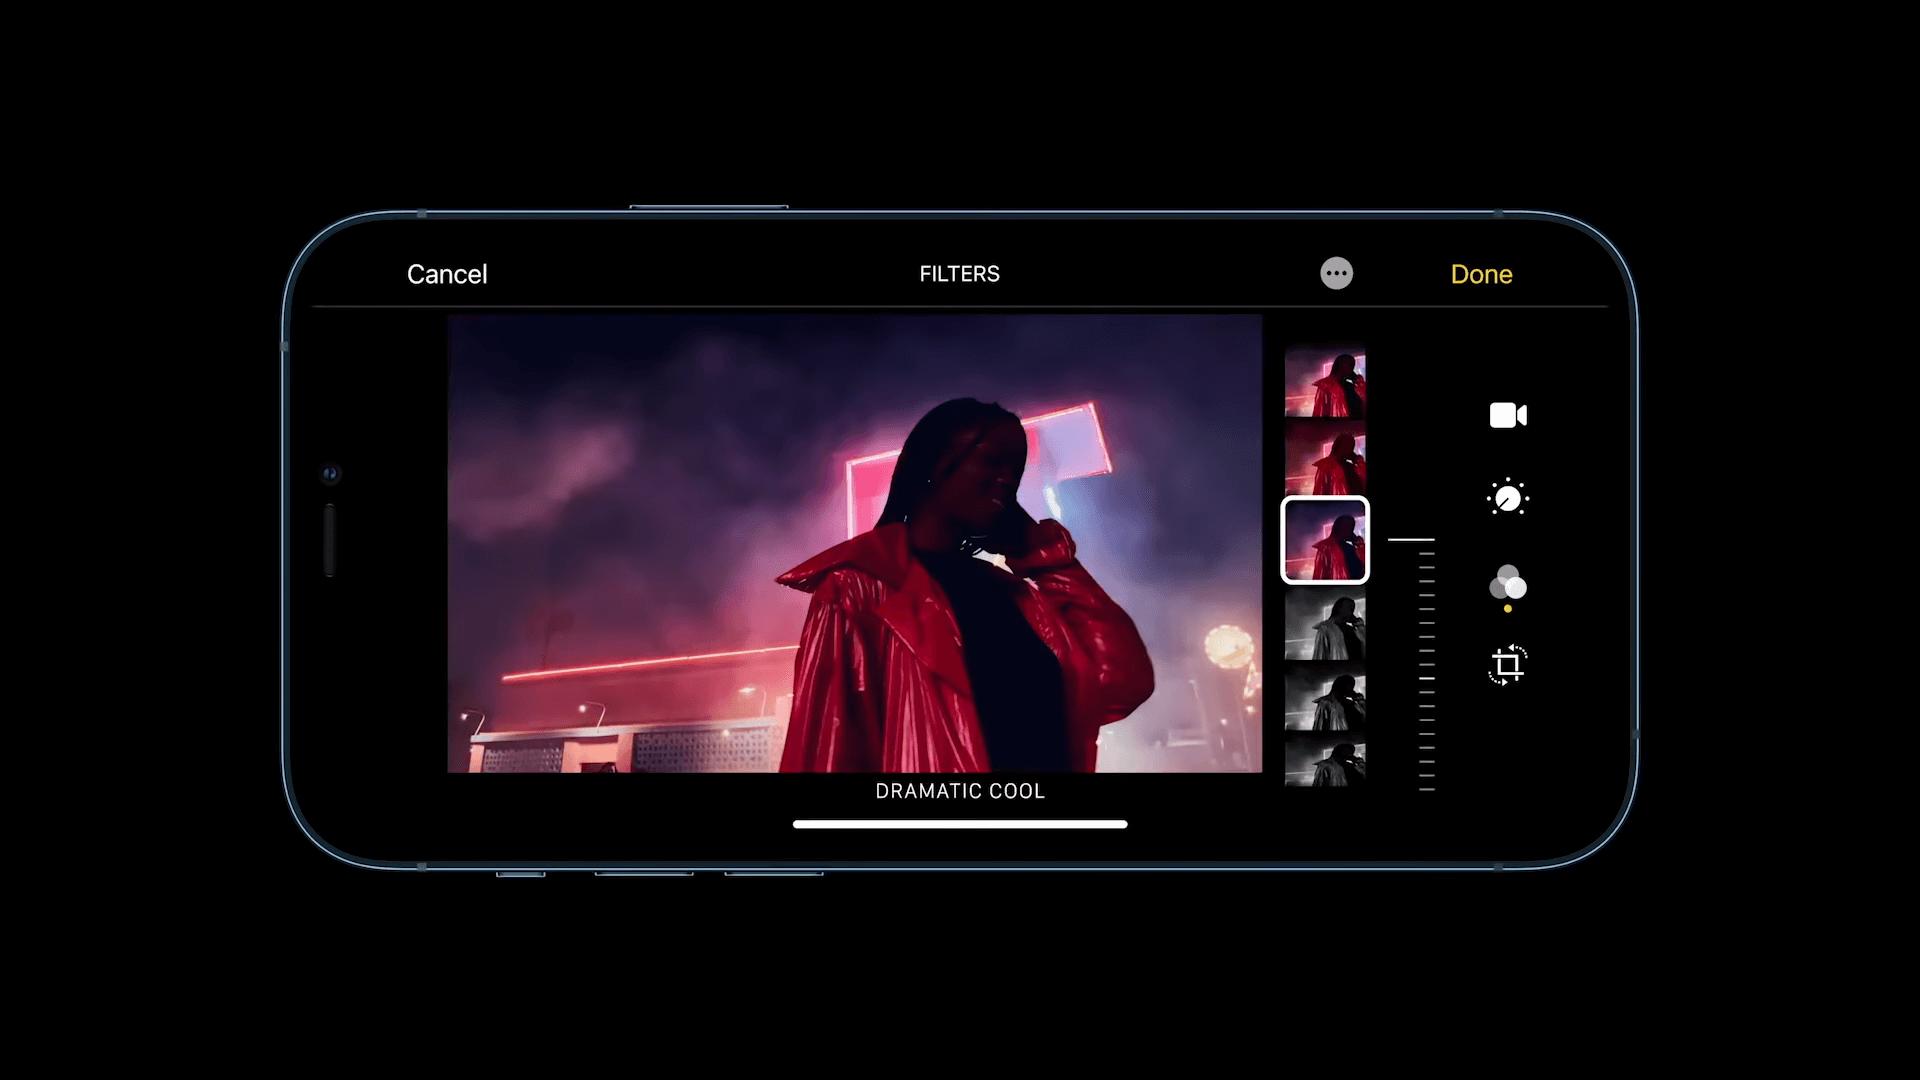 Apple представила новый формат фотографии ProRAW доступный на iPhone 12 и 12 Pro Max позже в этом году.